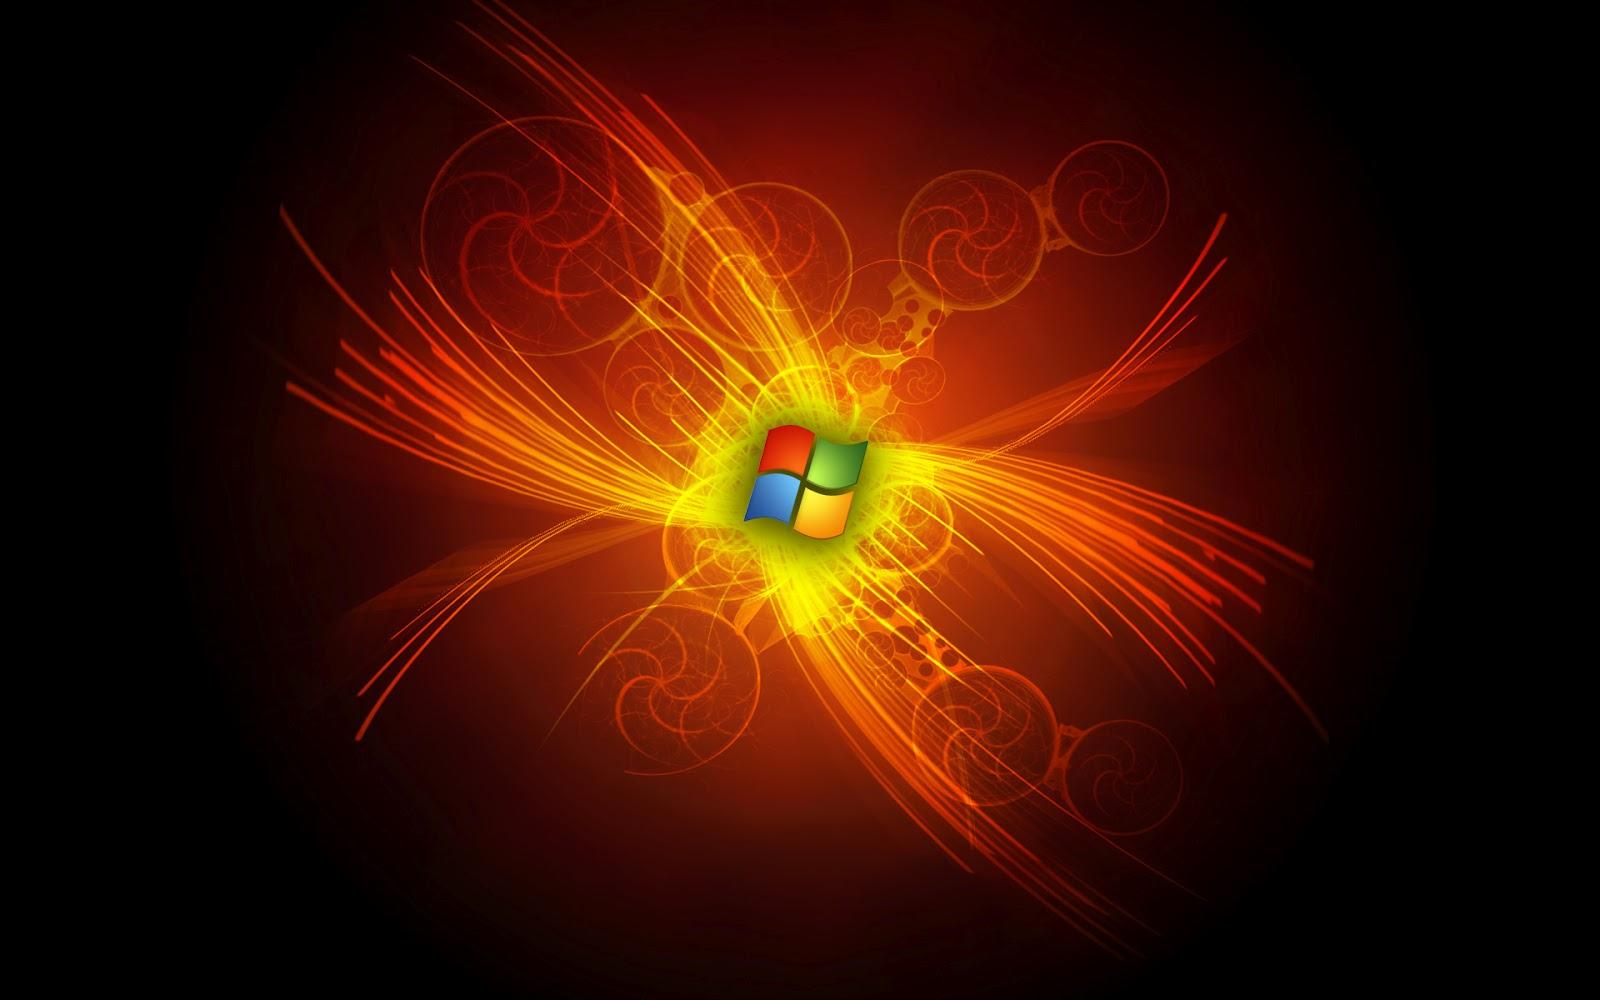 http://1.bp.blogspot.com/-f2lQYqKfR24/UNhJFA9ku7I/AAAAAAAAM68/tviSBHnC5d4/s1600/win7wallpaper25.jpg